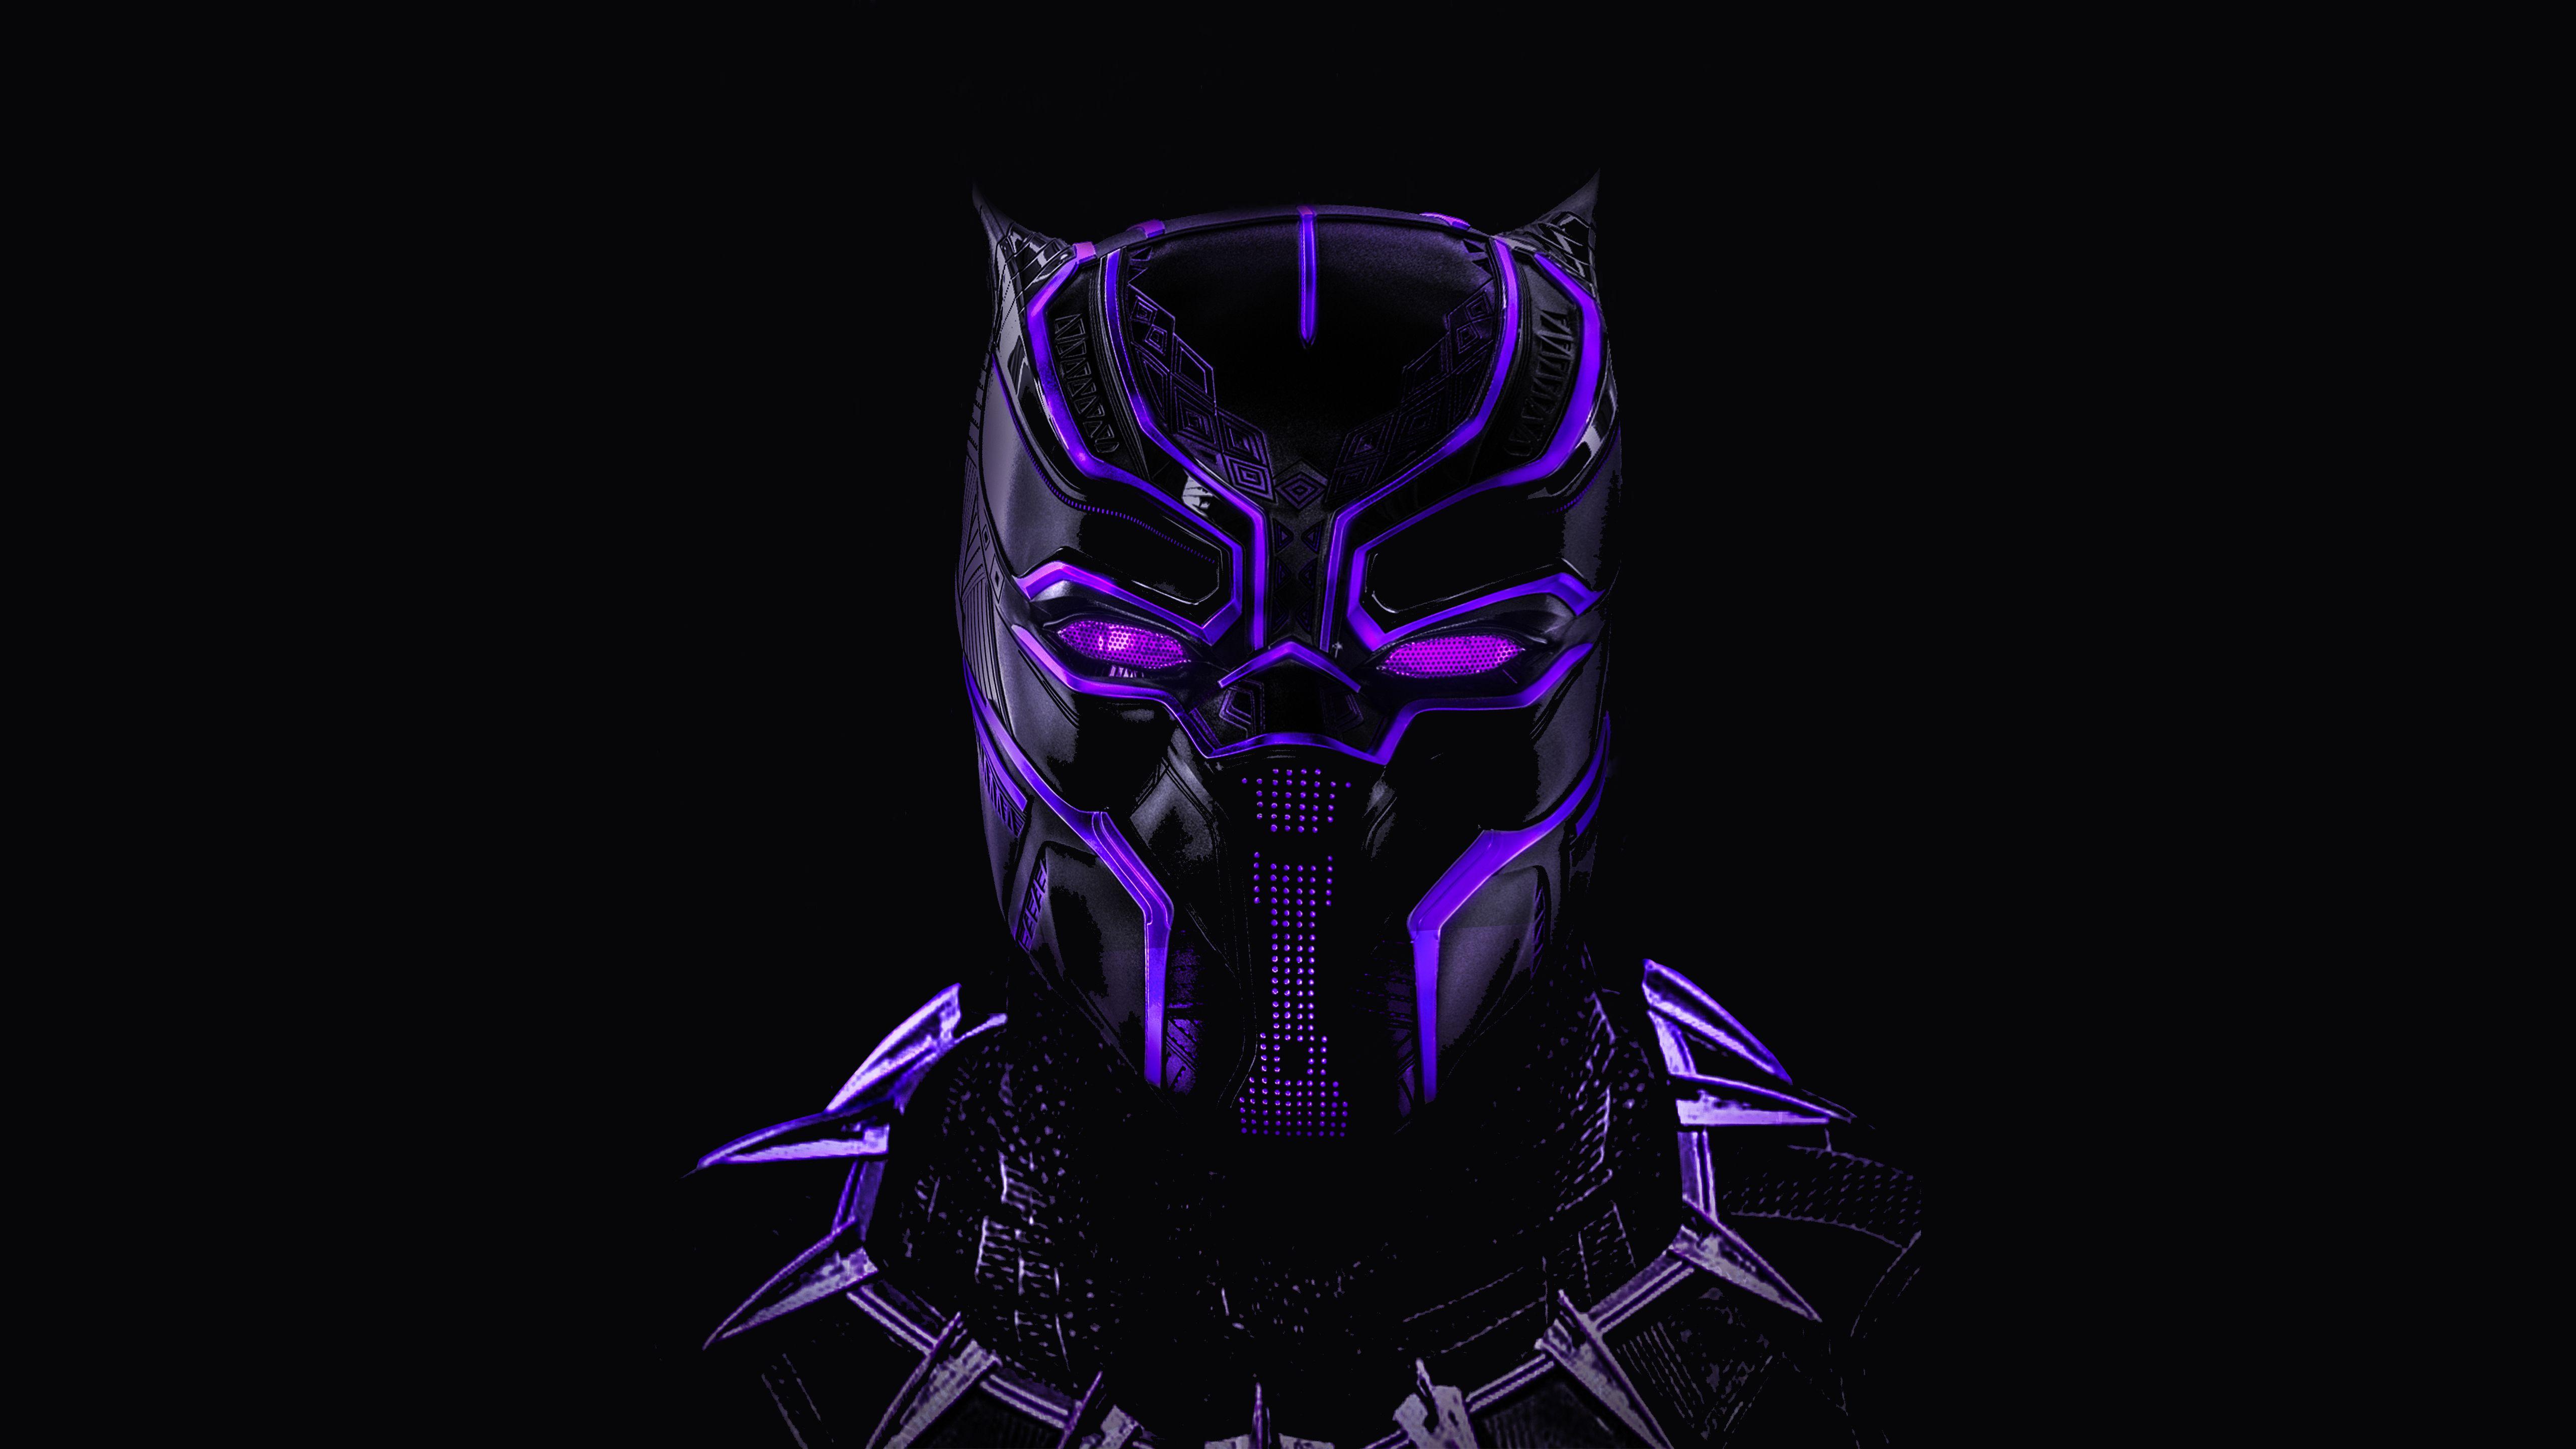 Black Panther Neon Artwork 5k Black Panther Hd Wallpaper Black Panther Art Neon Wallpaper